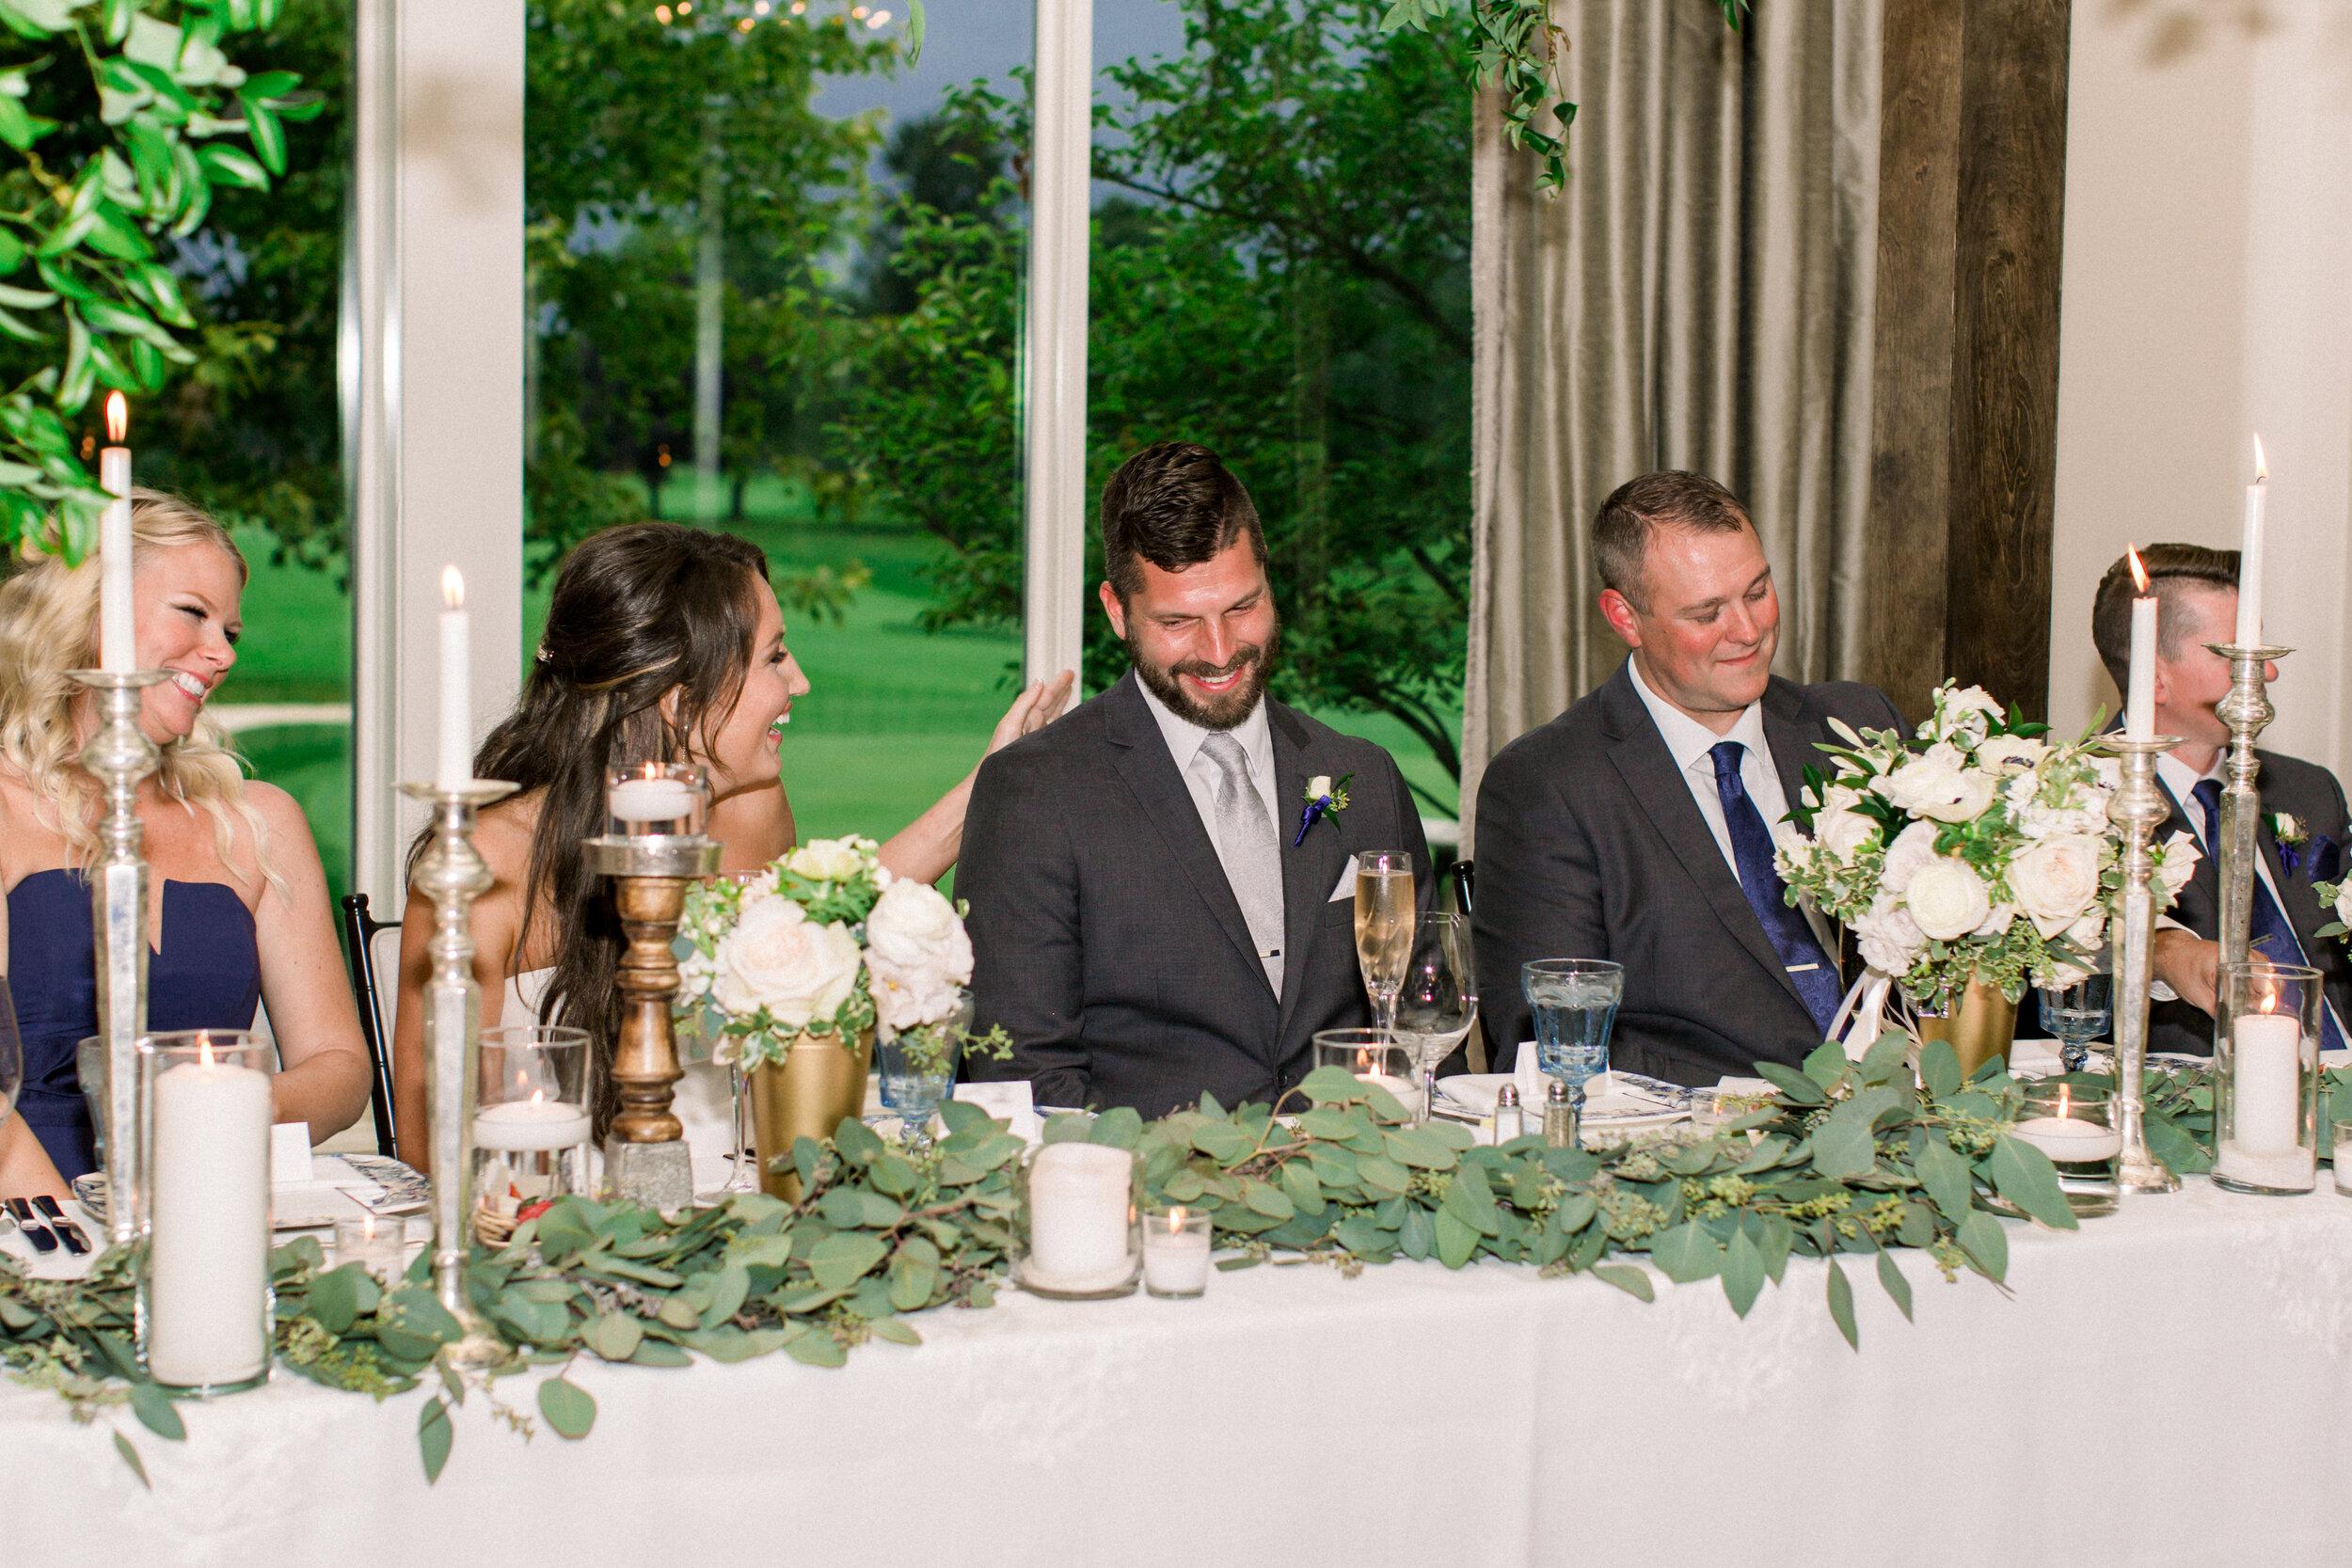 Kuiper+Wedding+Reception-58.jpg